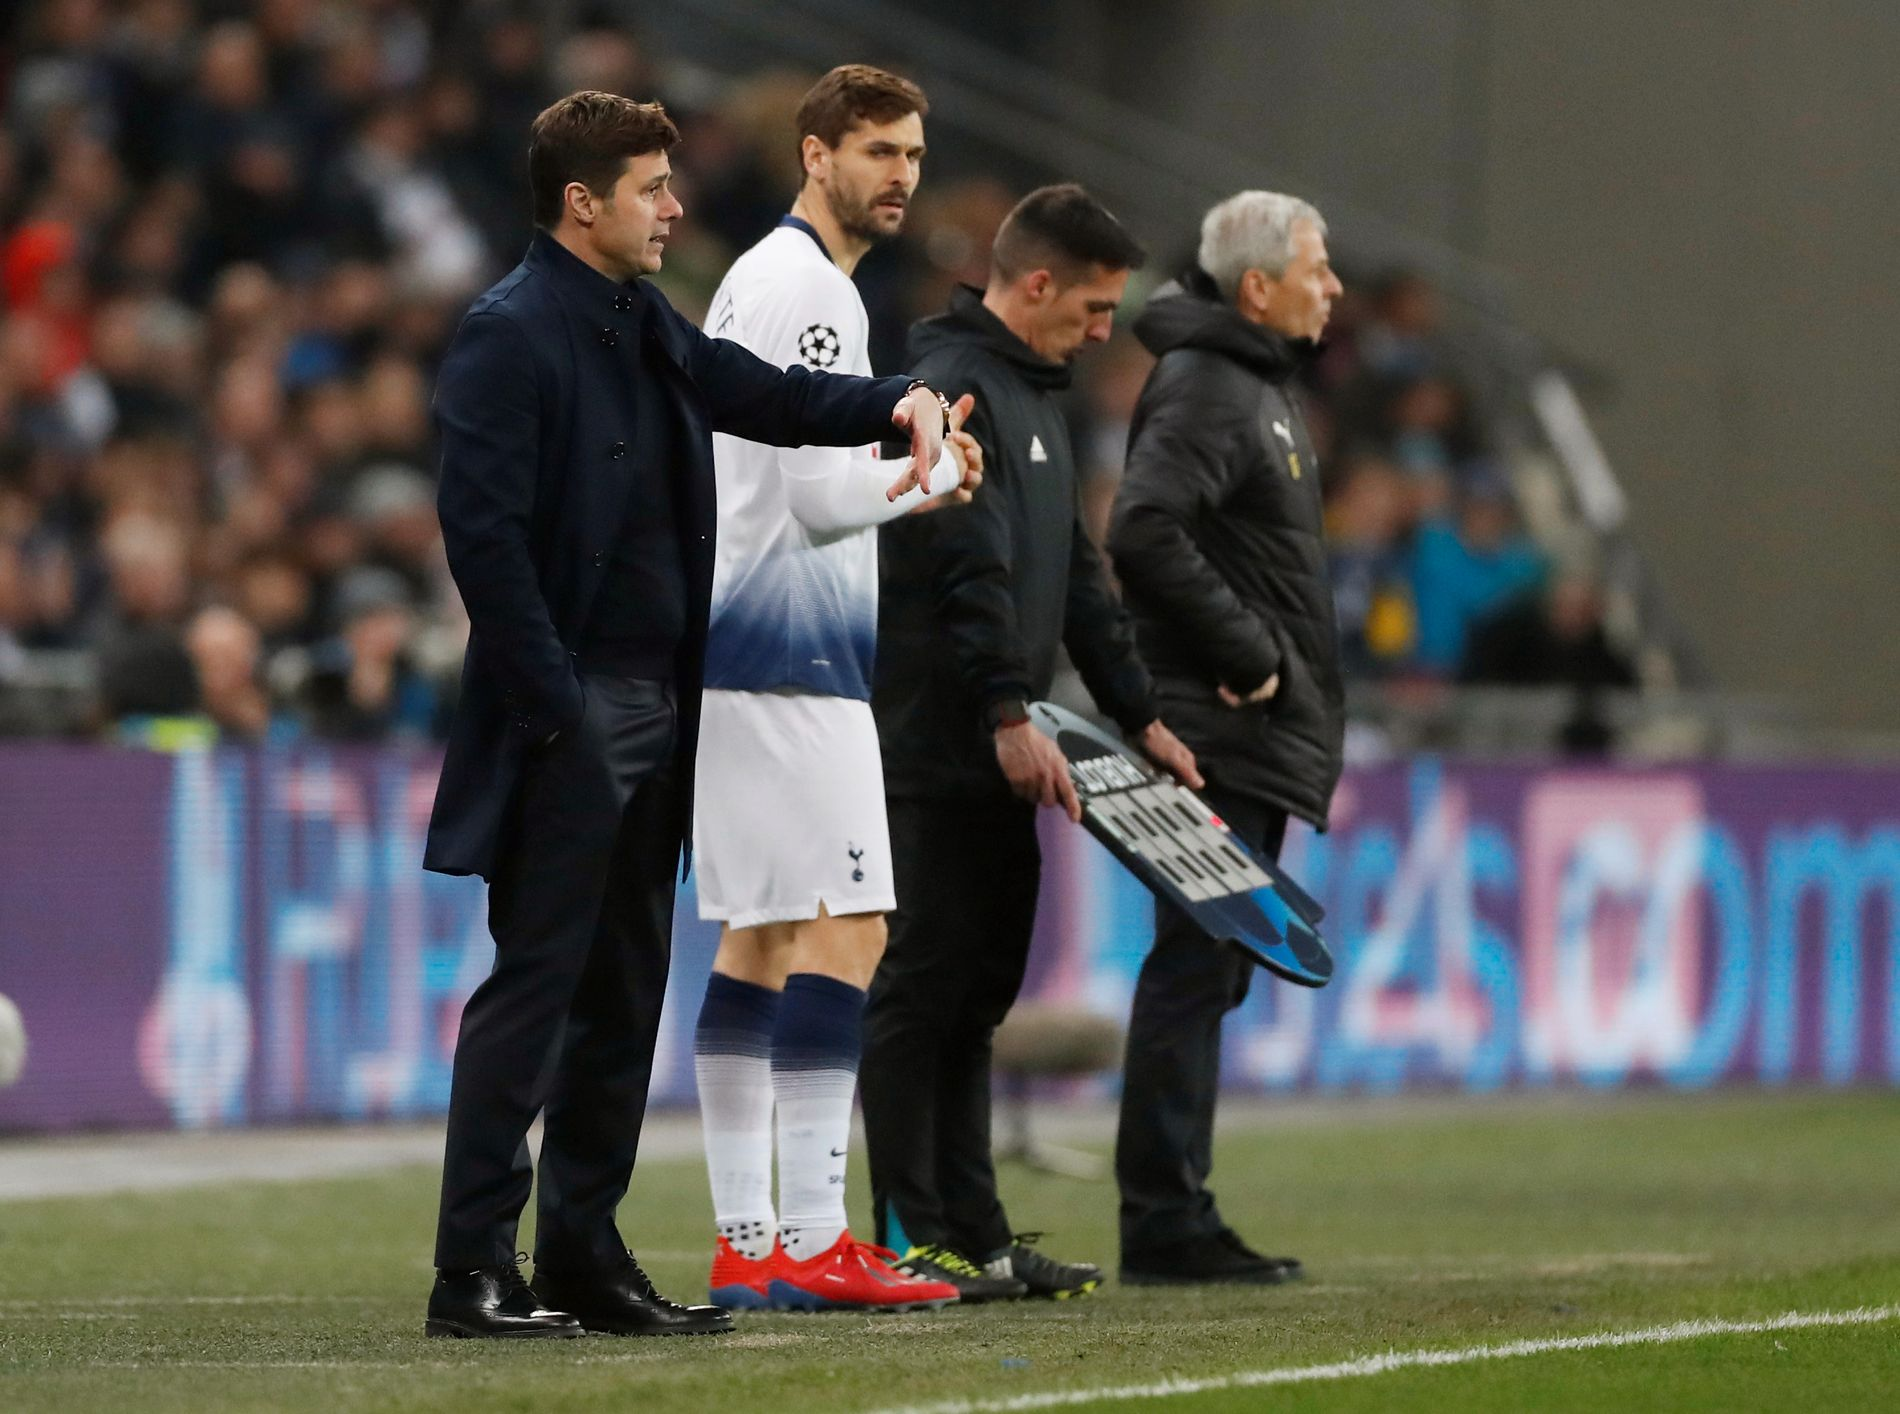 TAKTISK FULLTREFFER: Mauricio Pochettino traff med det meste han gjorde med Tottenham-laget onsdag kveld. Her setter han inn Fernando Llorente i sluttminuttene. Det ble scoring på spanjolen.